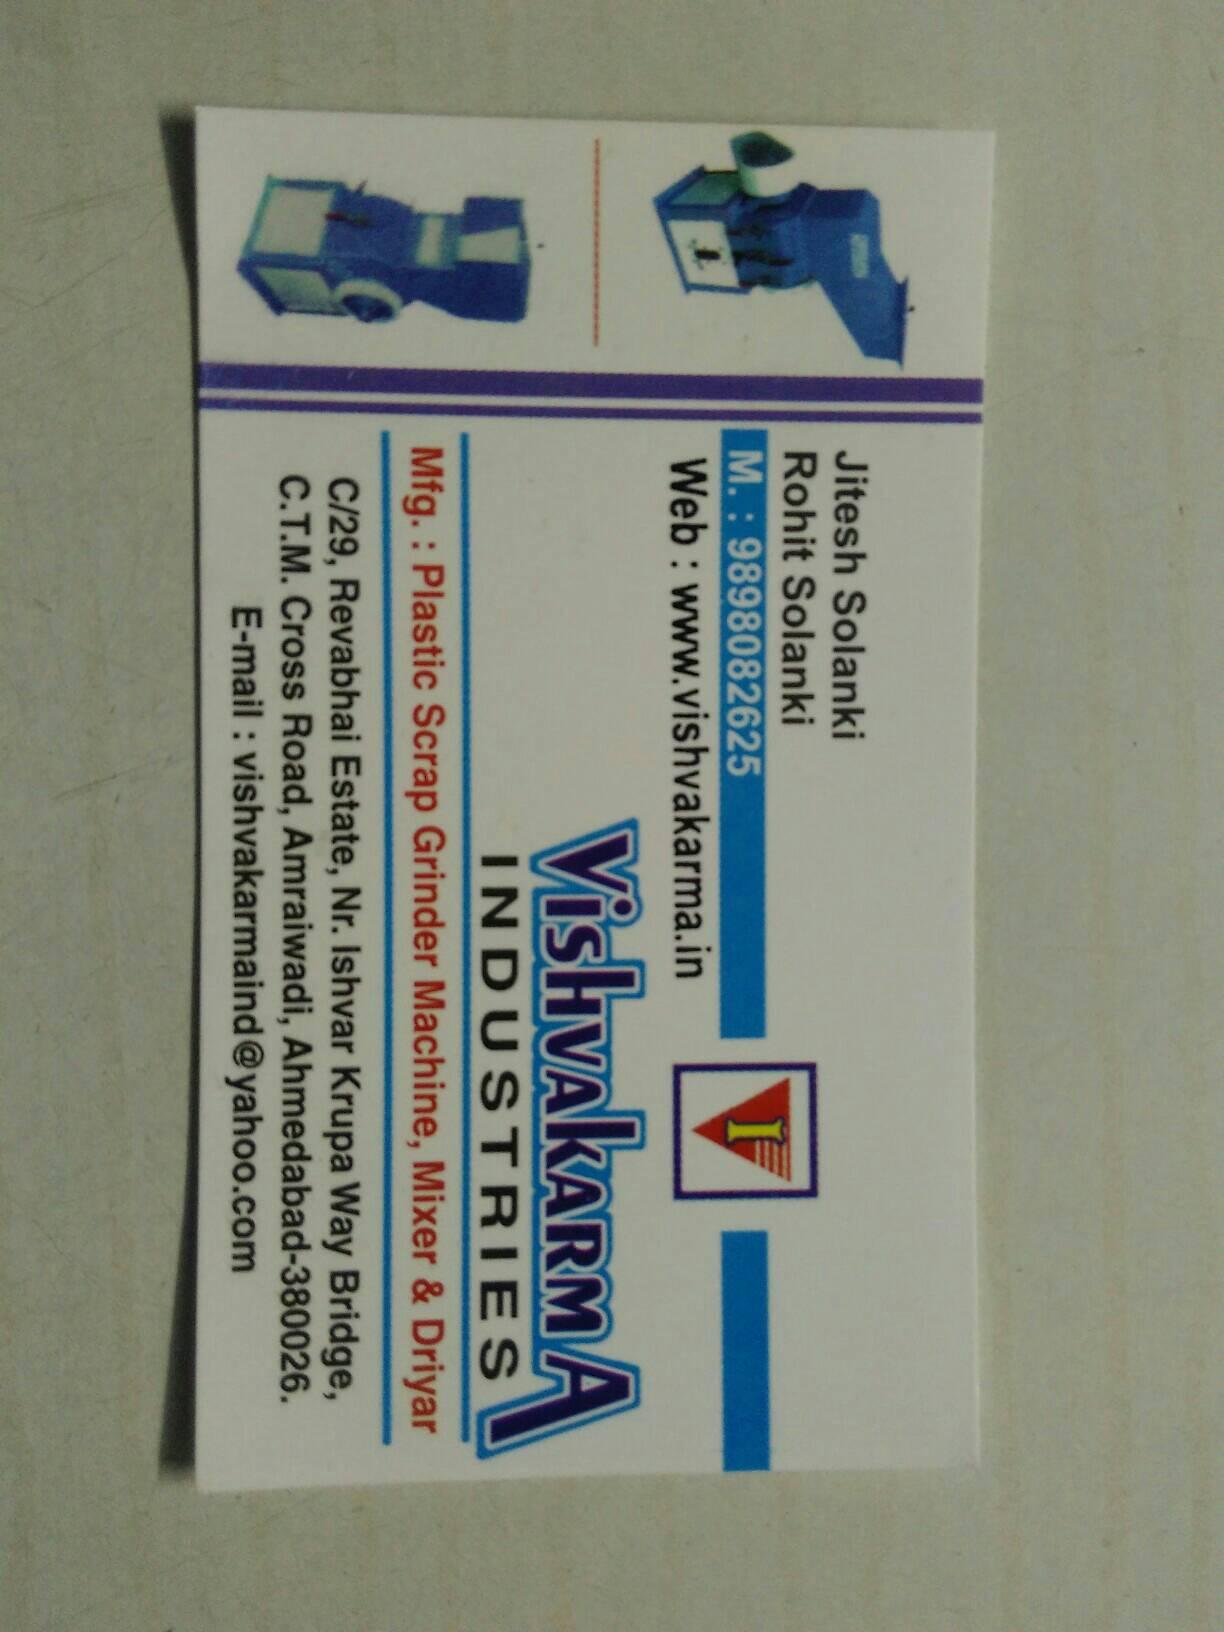 Vishvakarma Industries